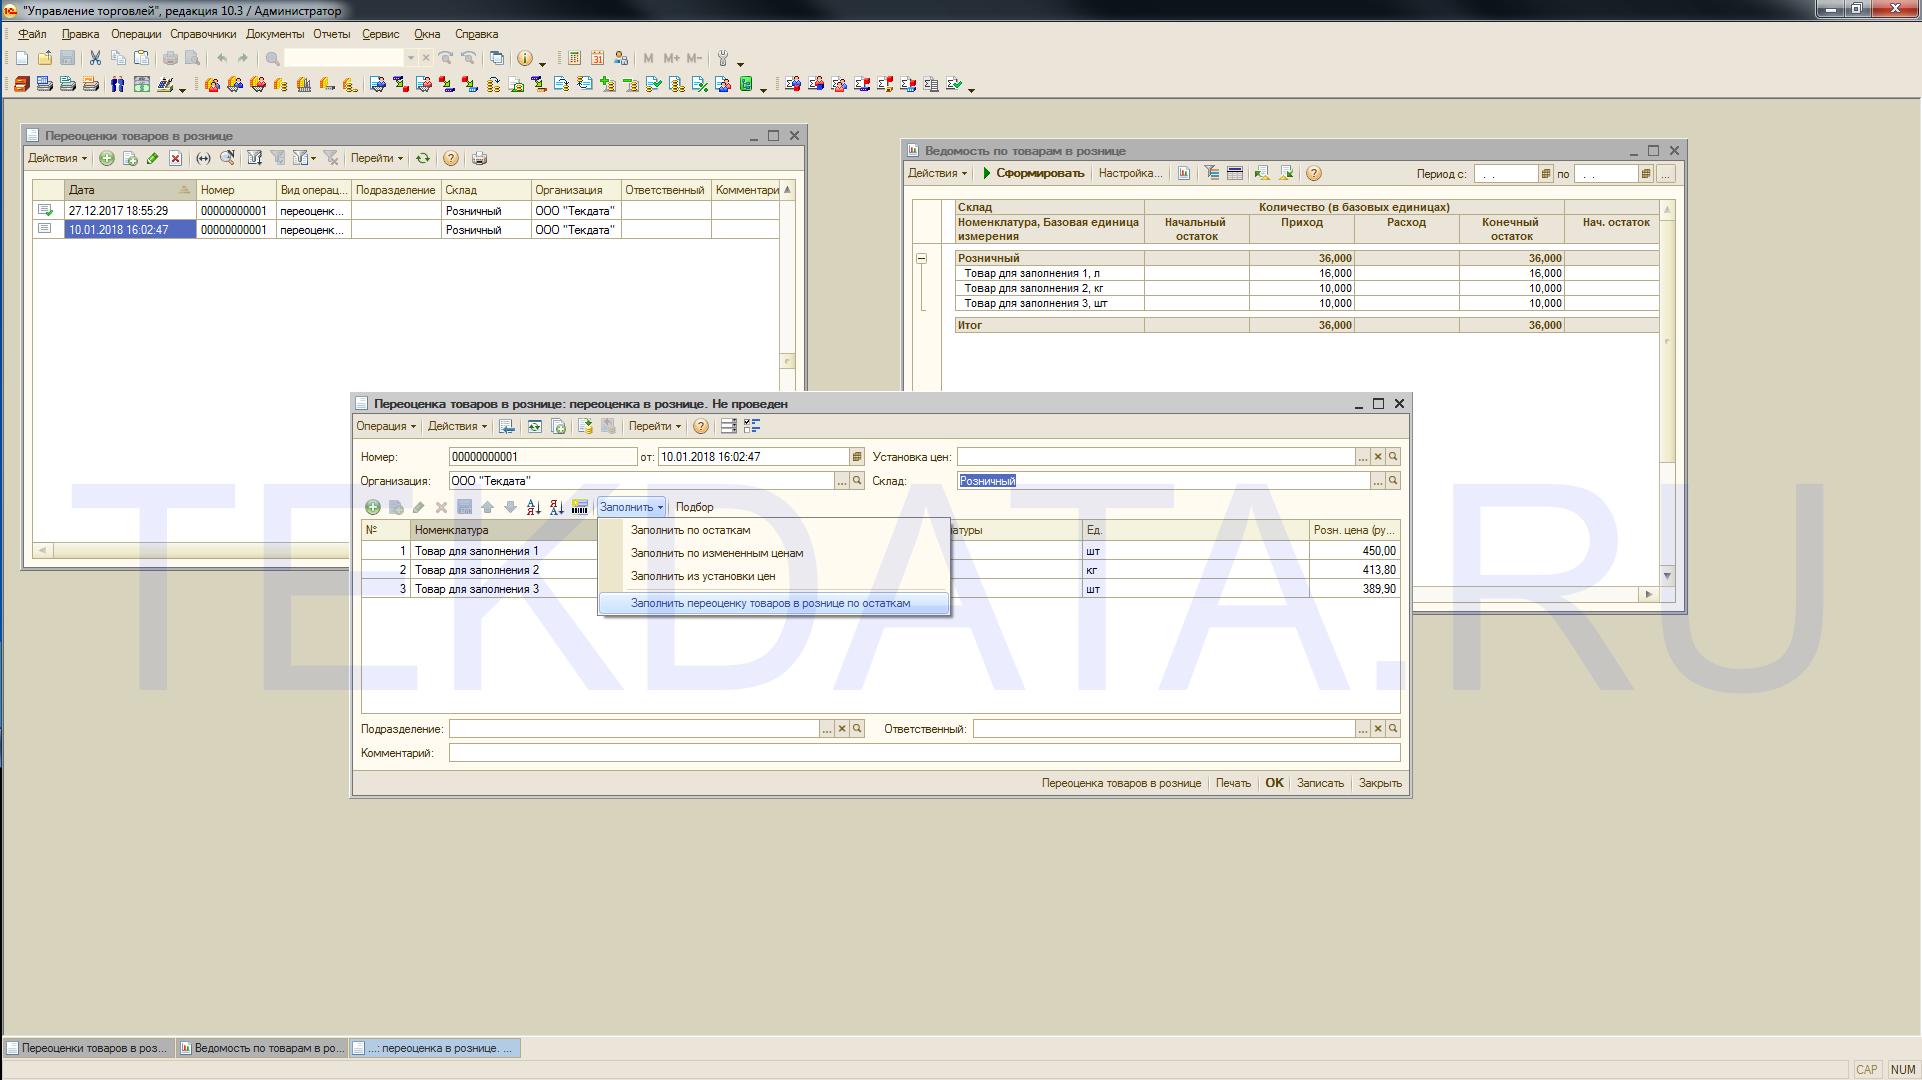 Заполнение документа Переоценка товаров в рознице по остаткам в 1С:УТ 10.3 (Внешняя обработка)